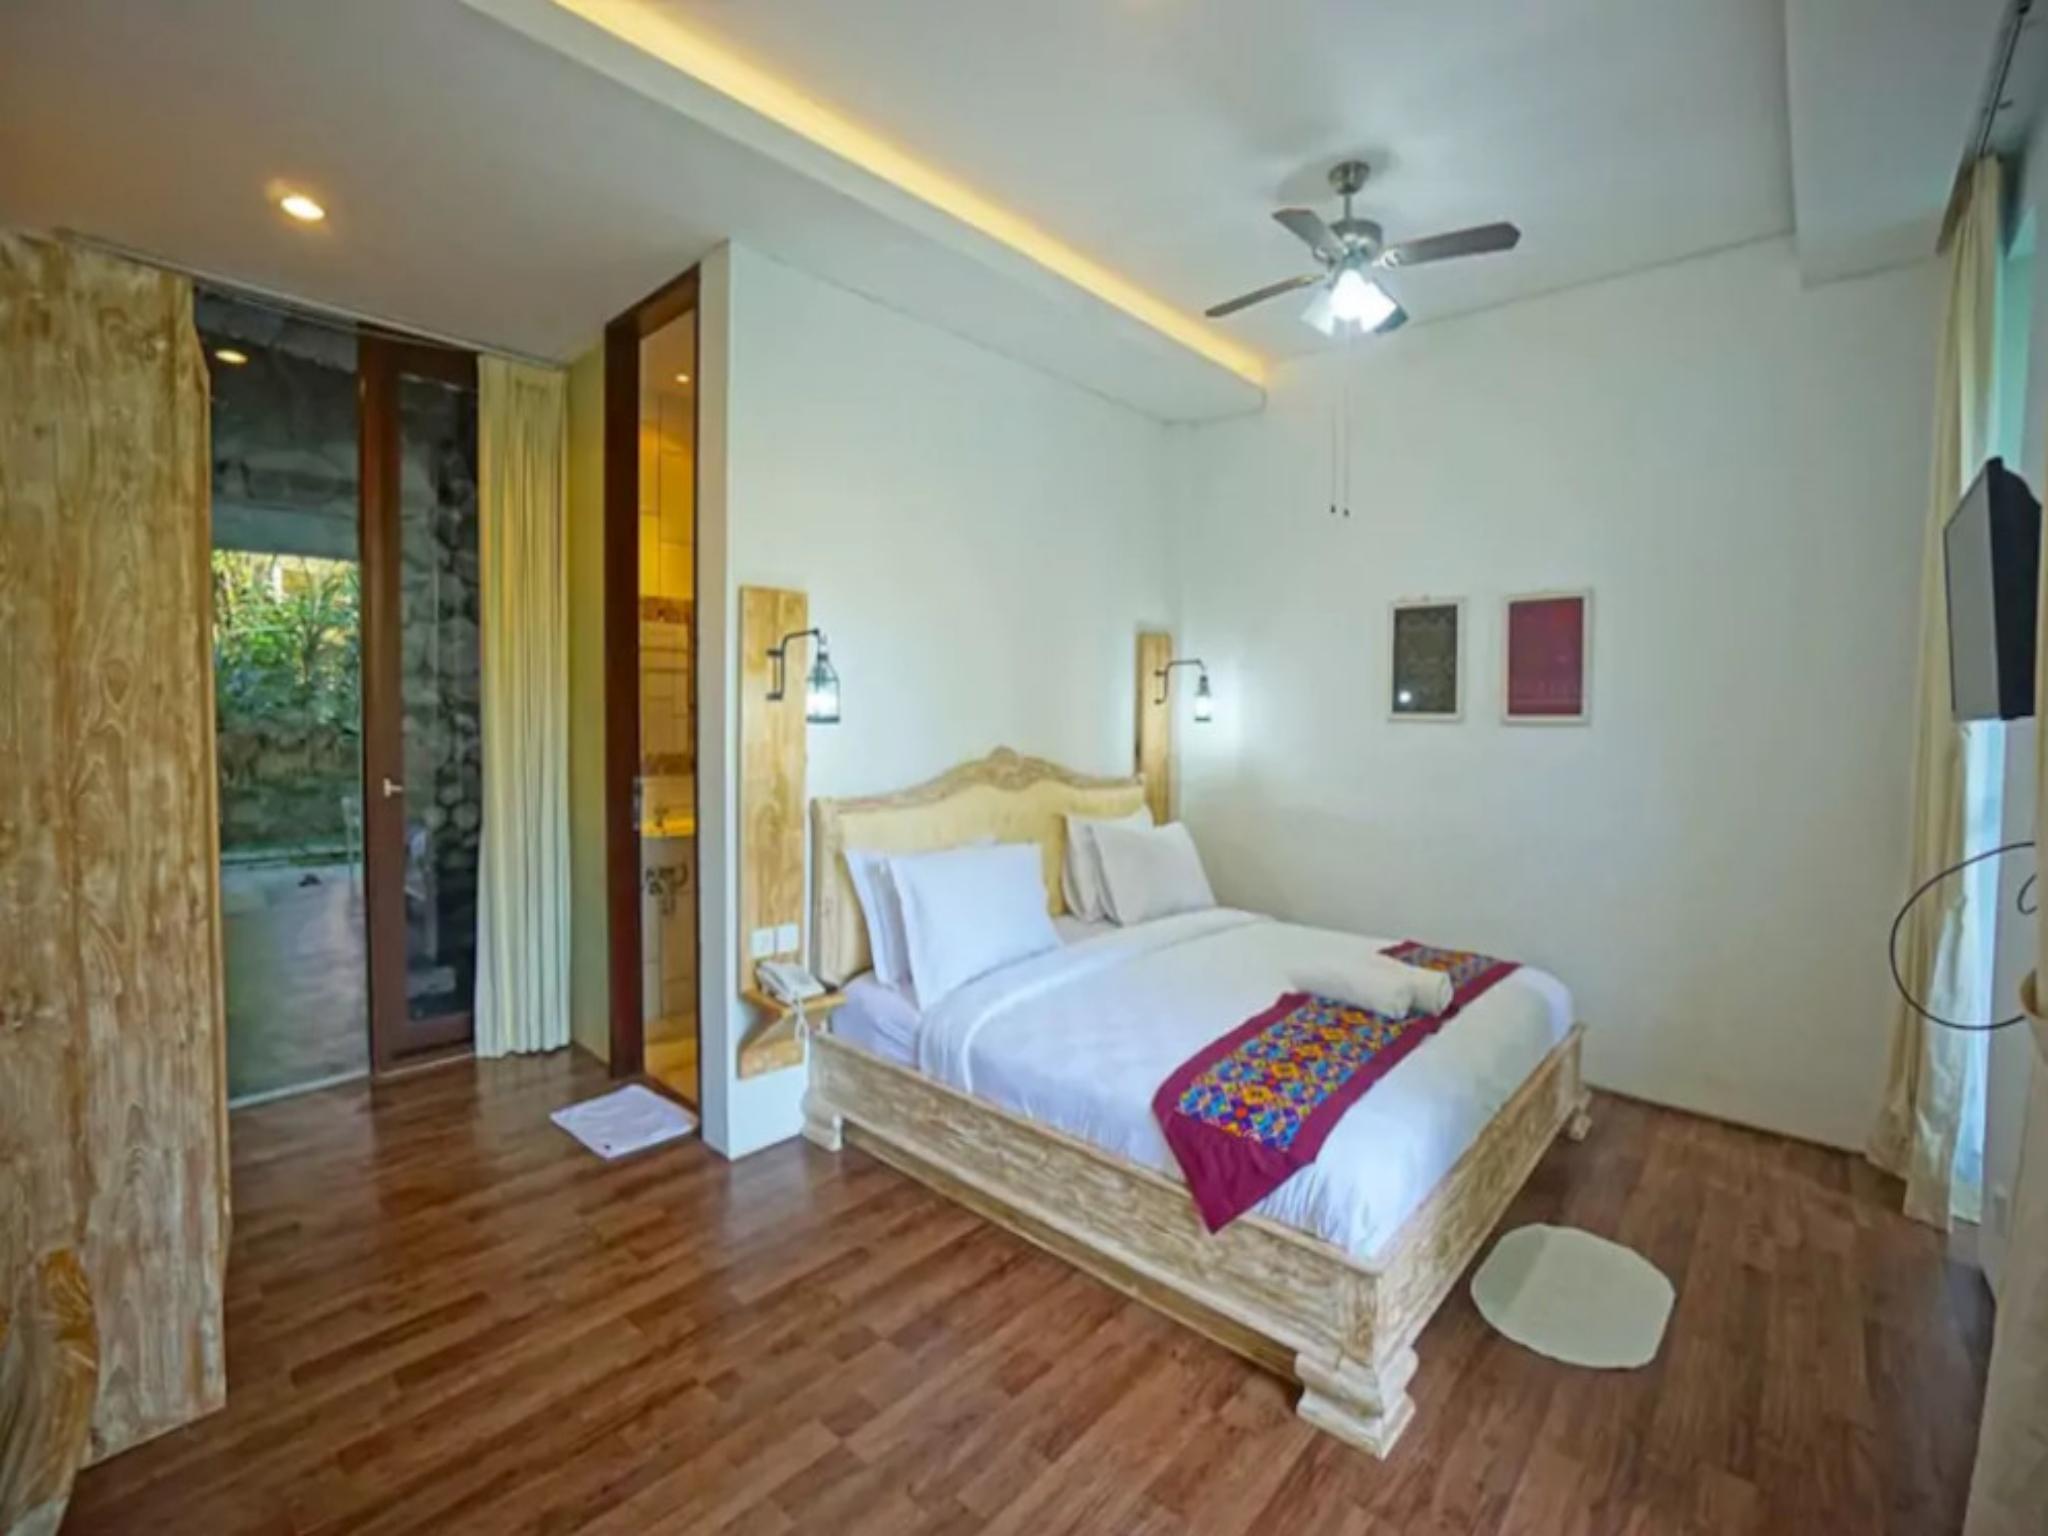 1BR Premium Room 6 w